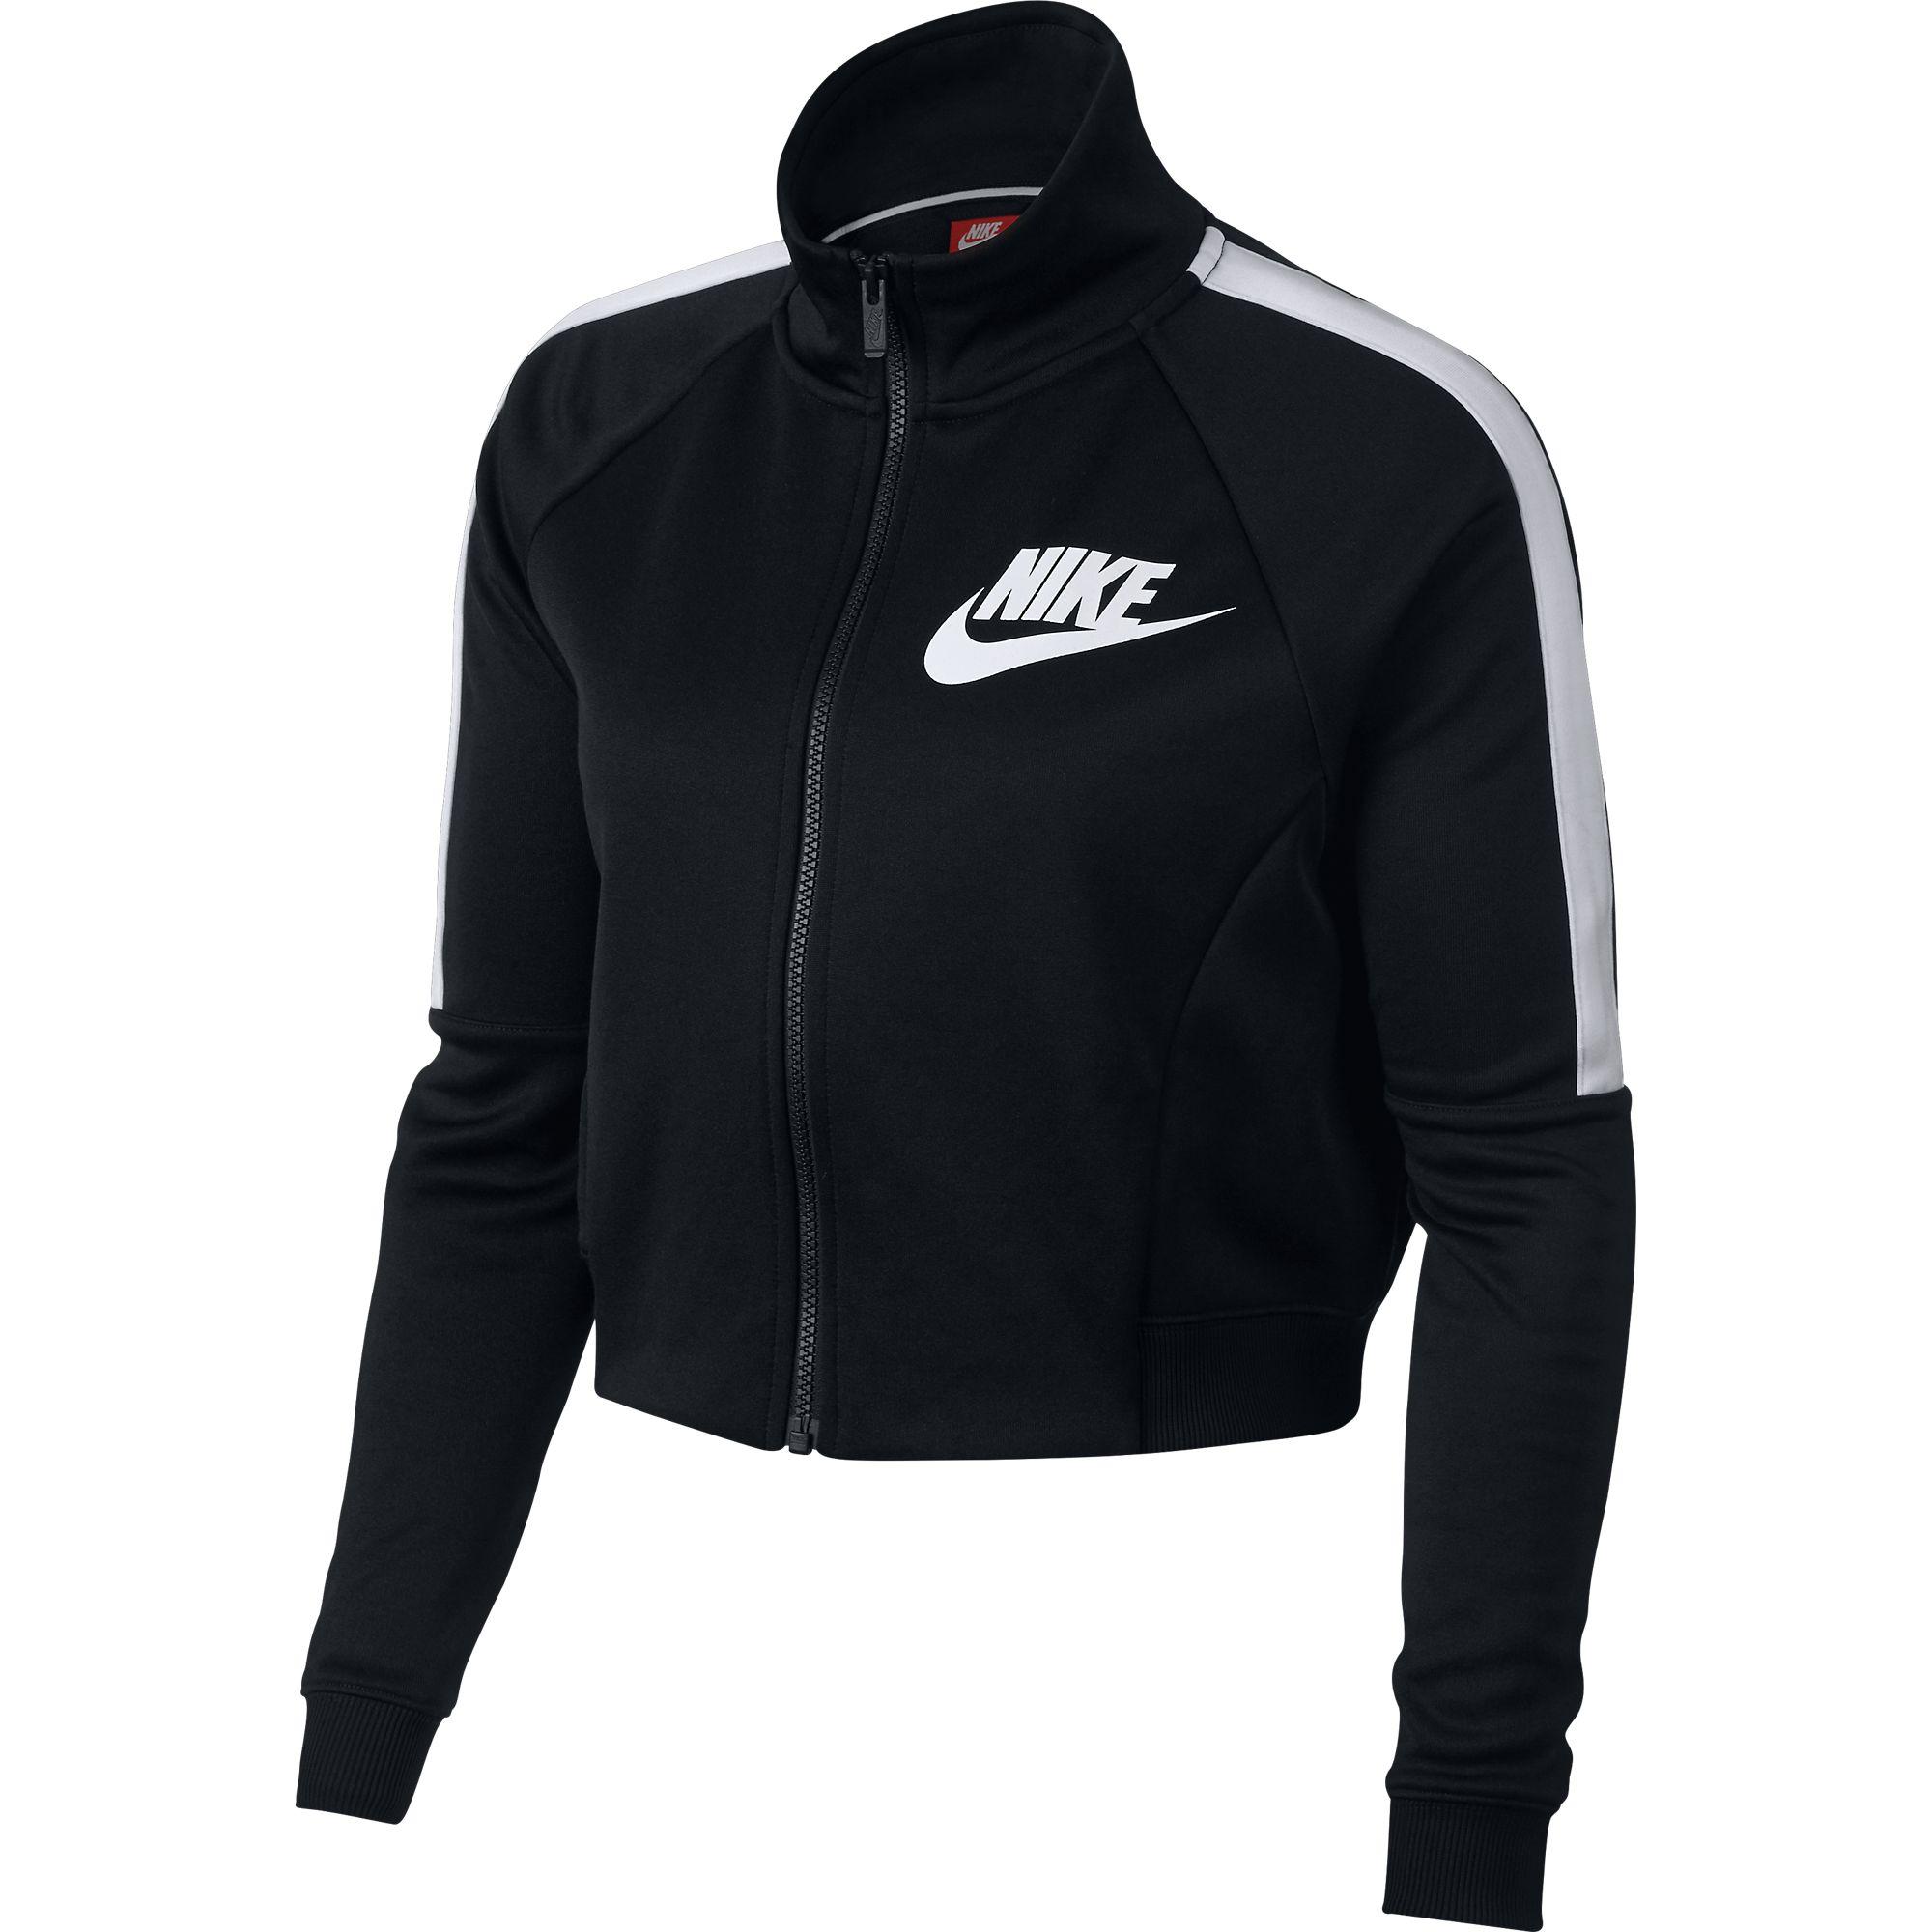 0a27200f00fc Details about Nike Sportswear N98 Women s Crop Track Jacket Black White  912879-010